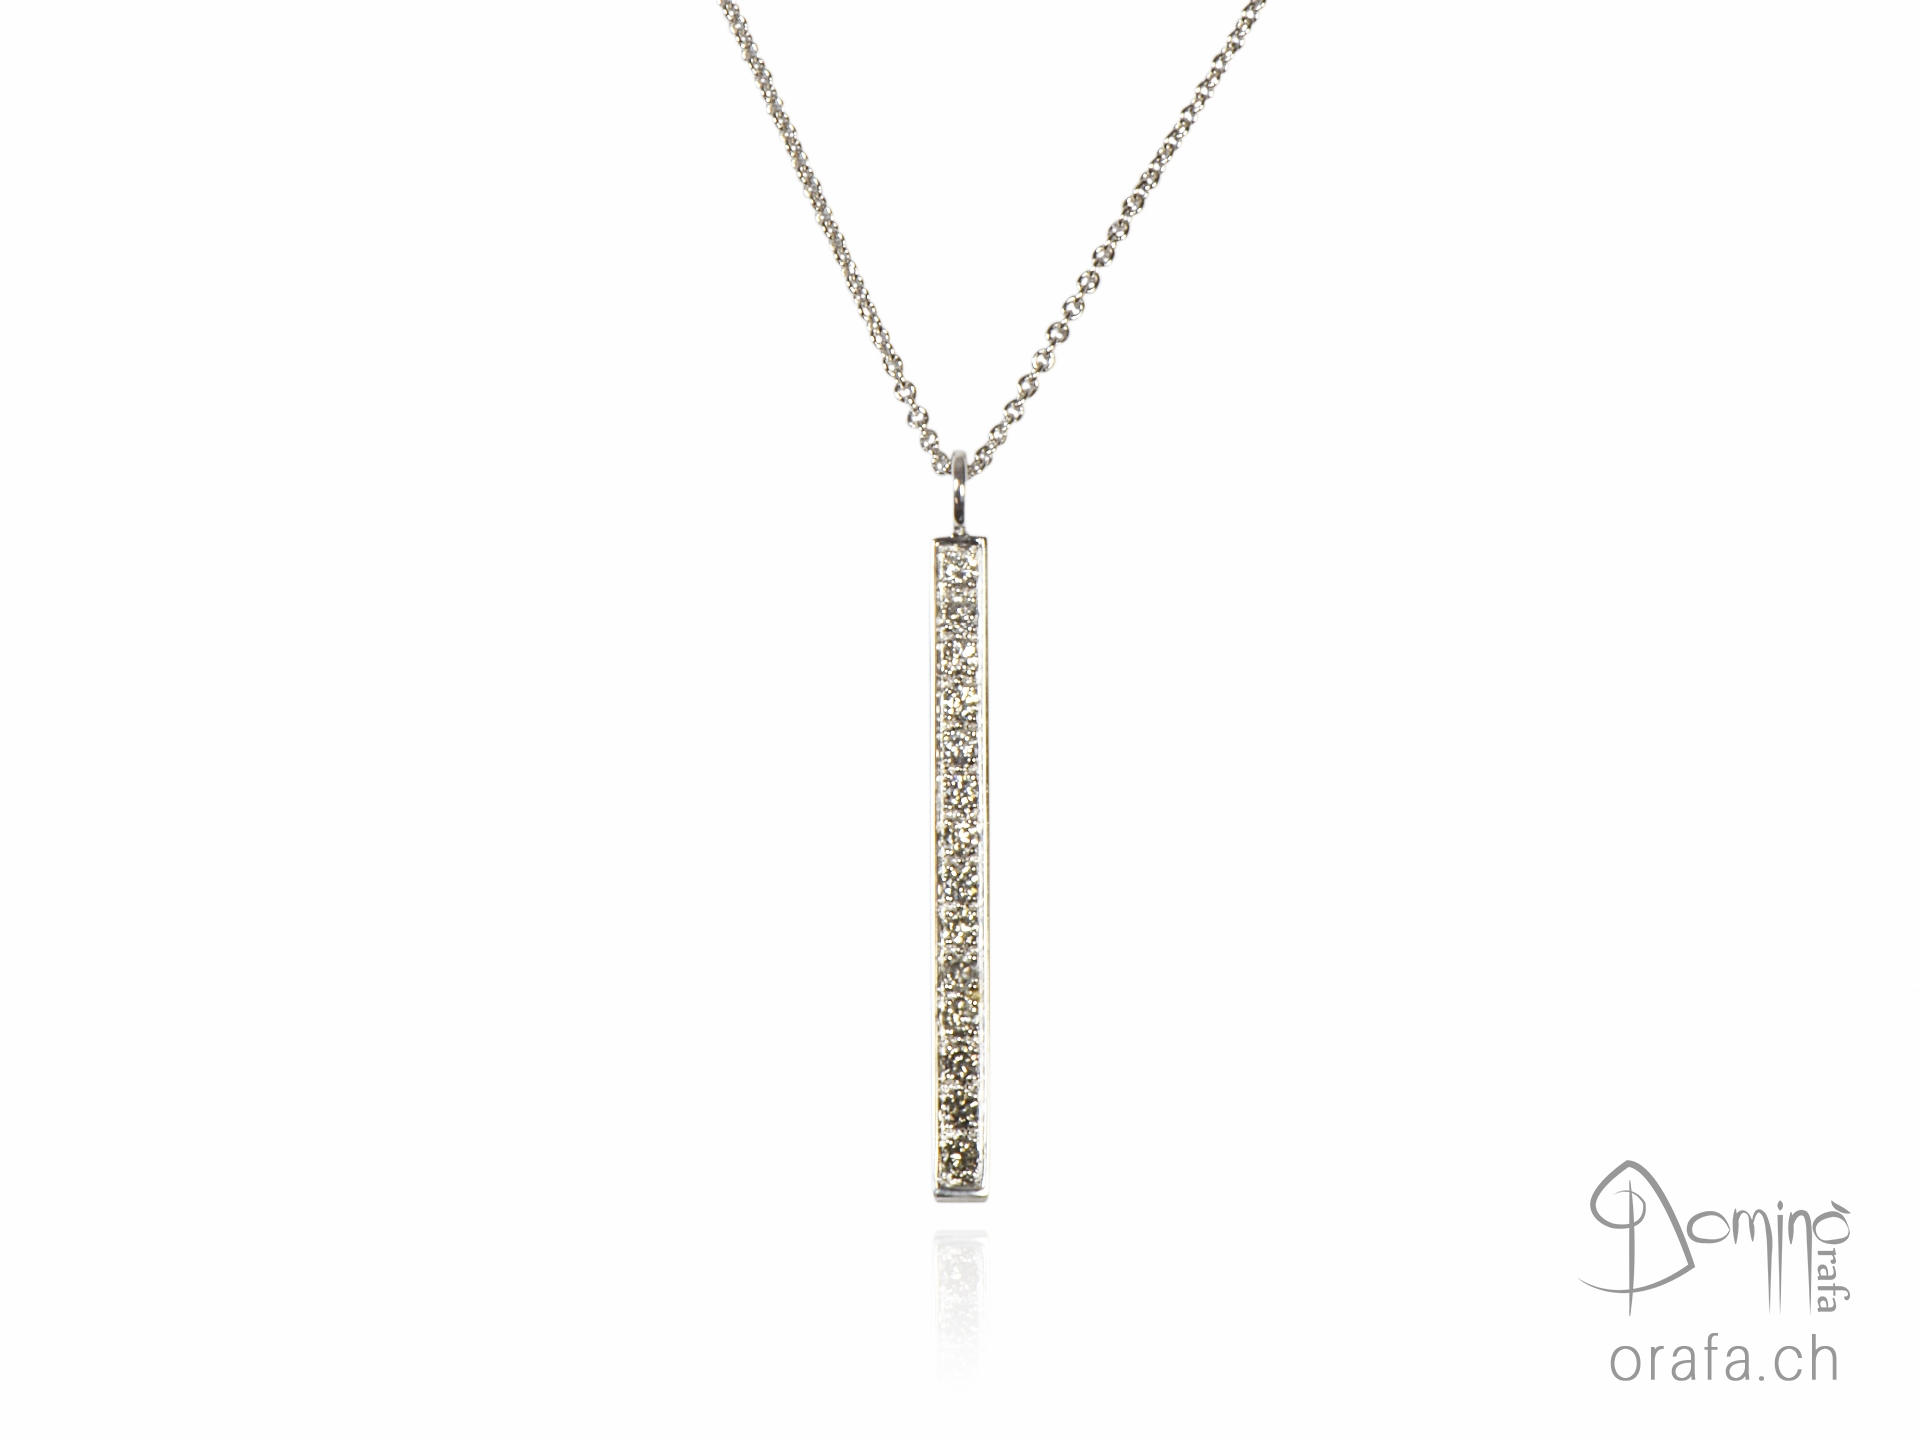 Ciondolo con sfumatura di diamanti incolore e grigi medio